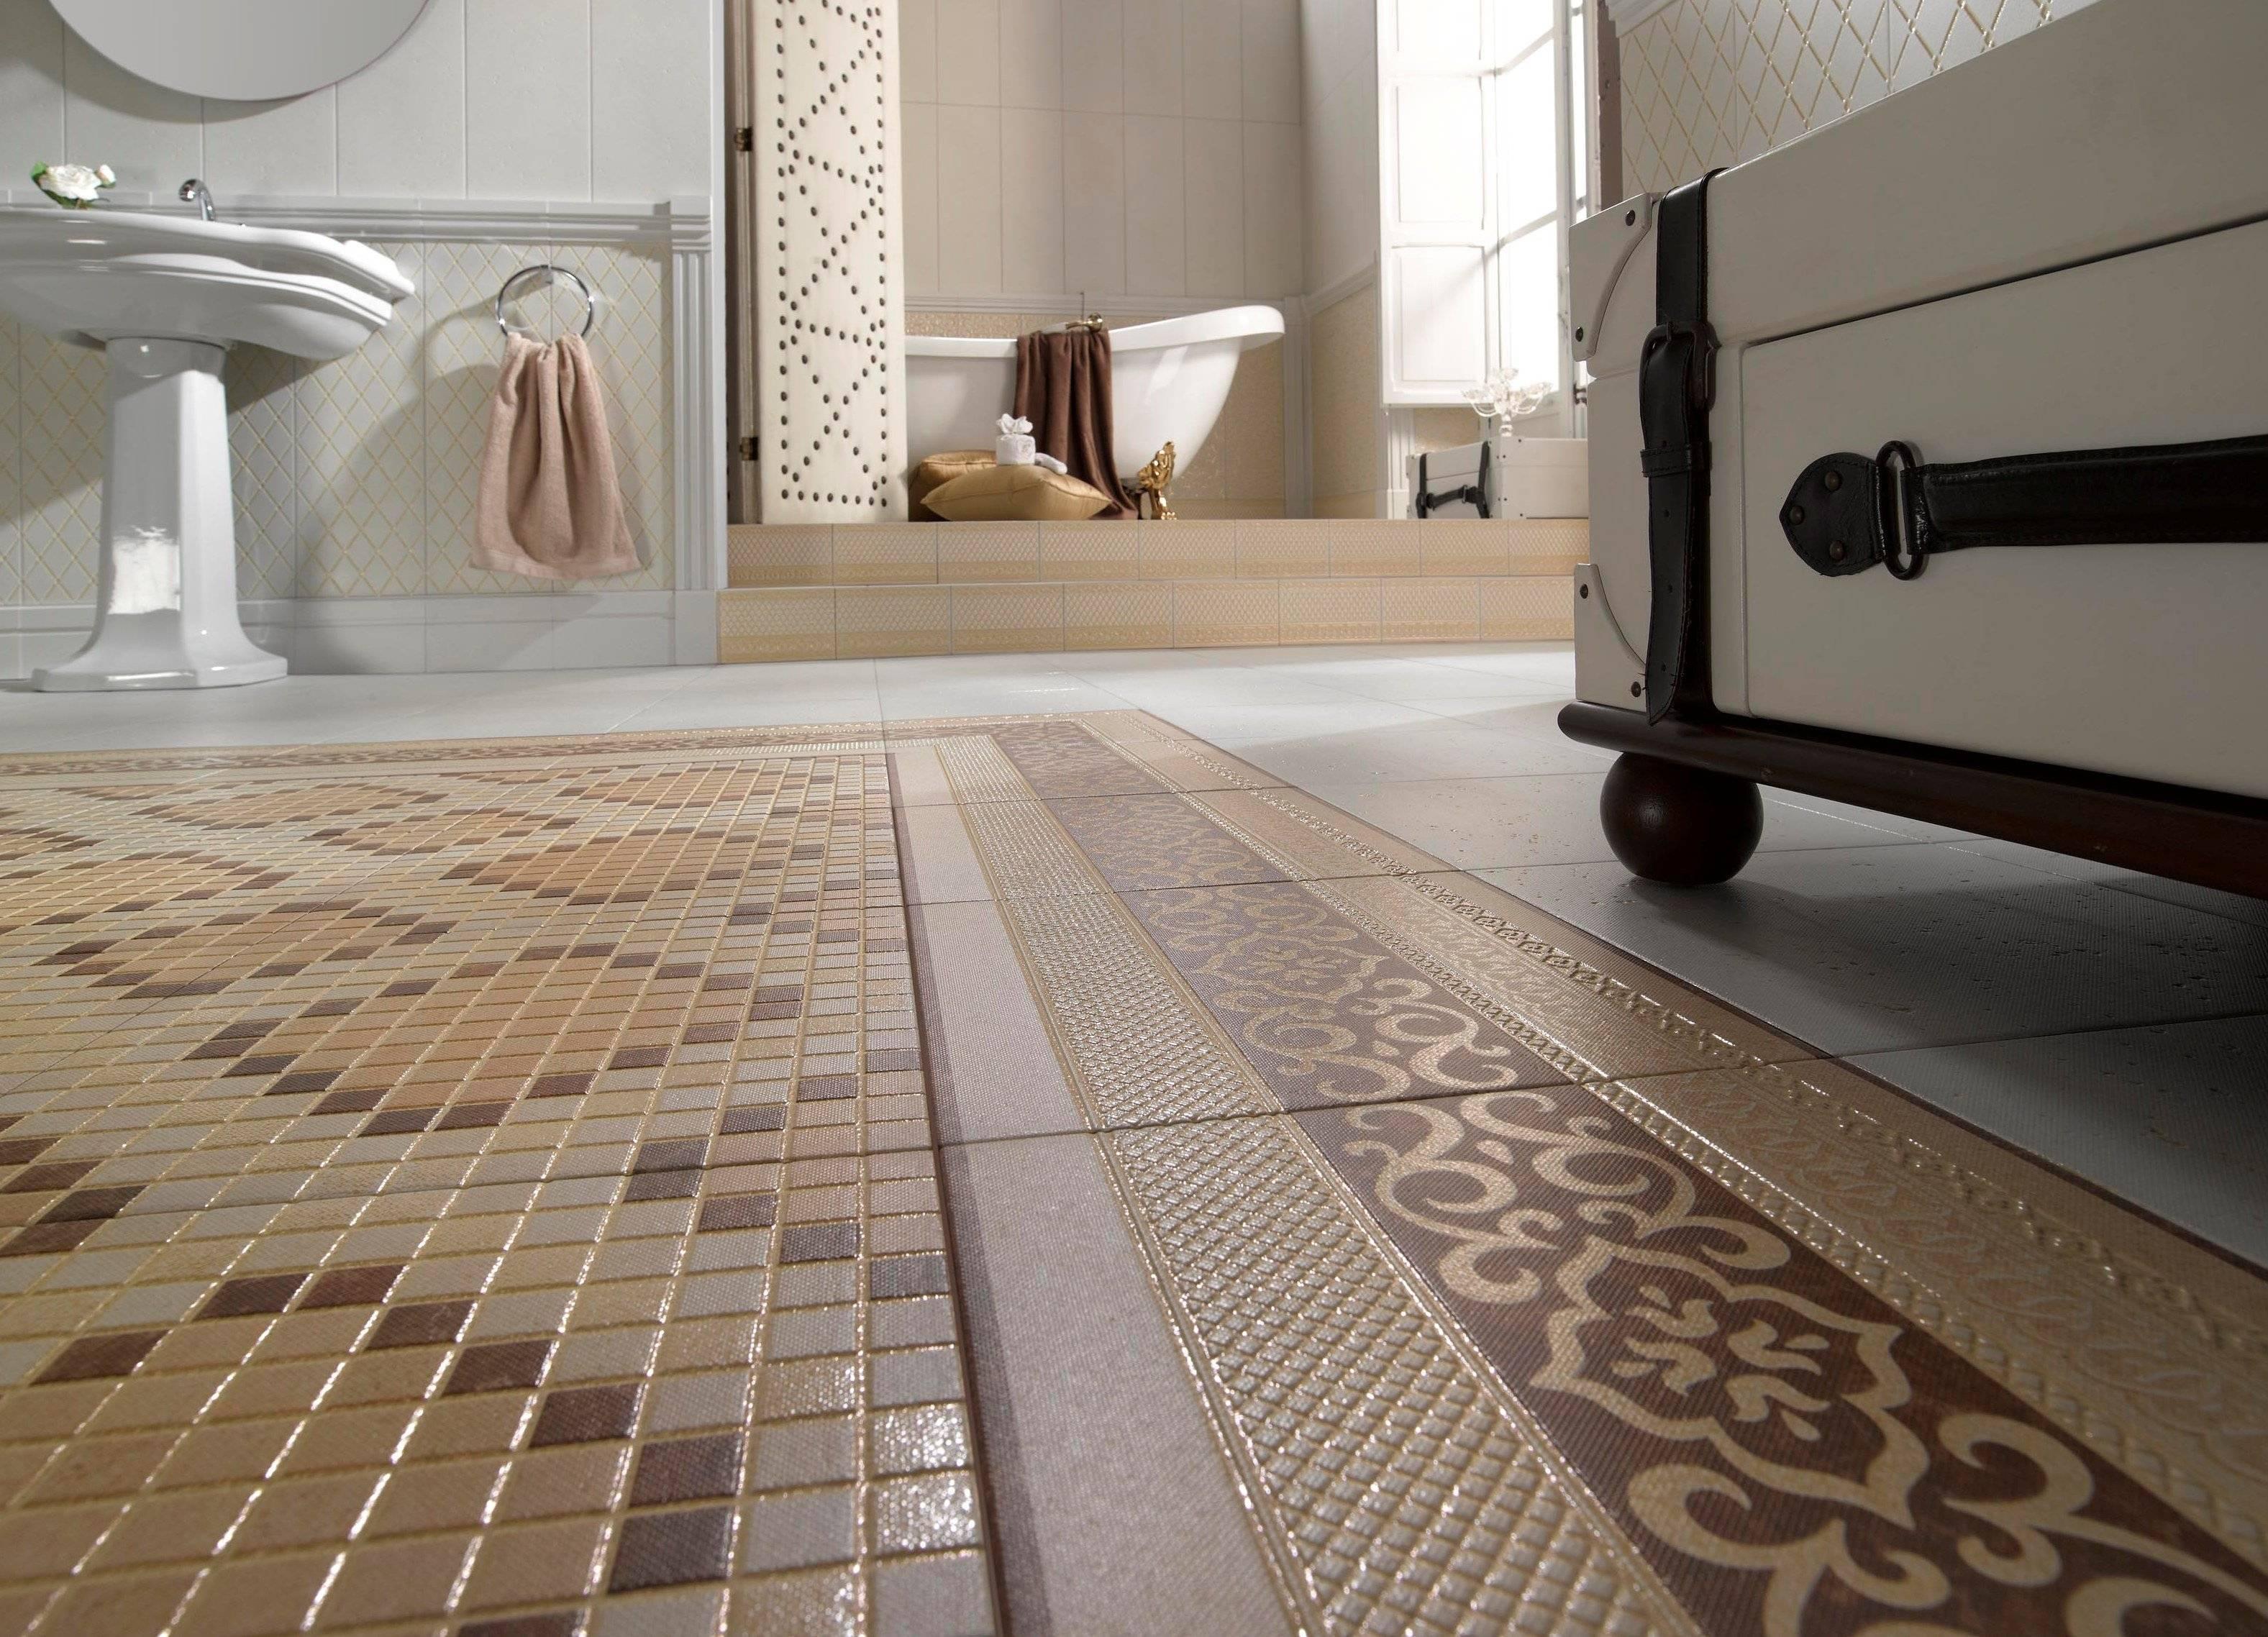 Керамогранитная плитка, технические свойства, плюсы и минусы, состав, производство   строй сам